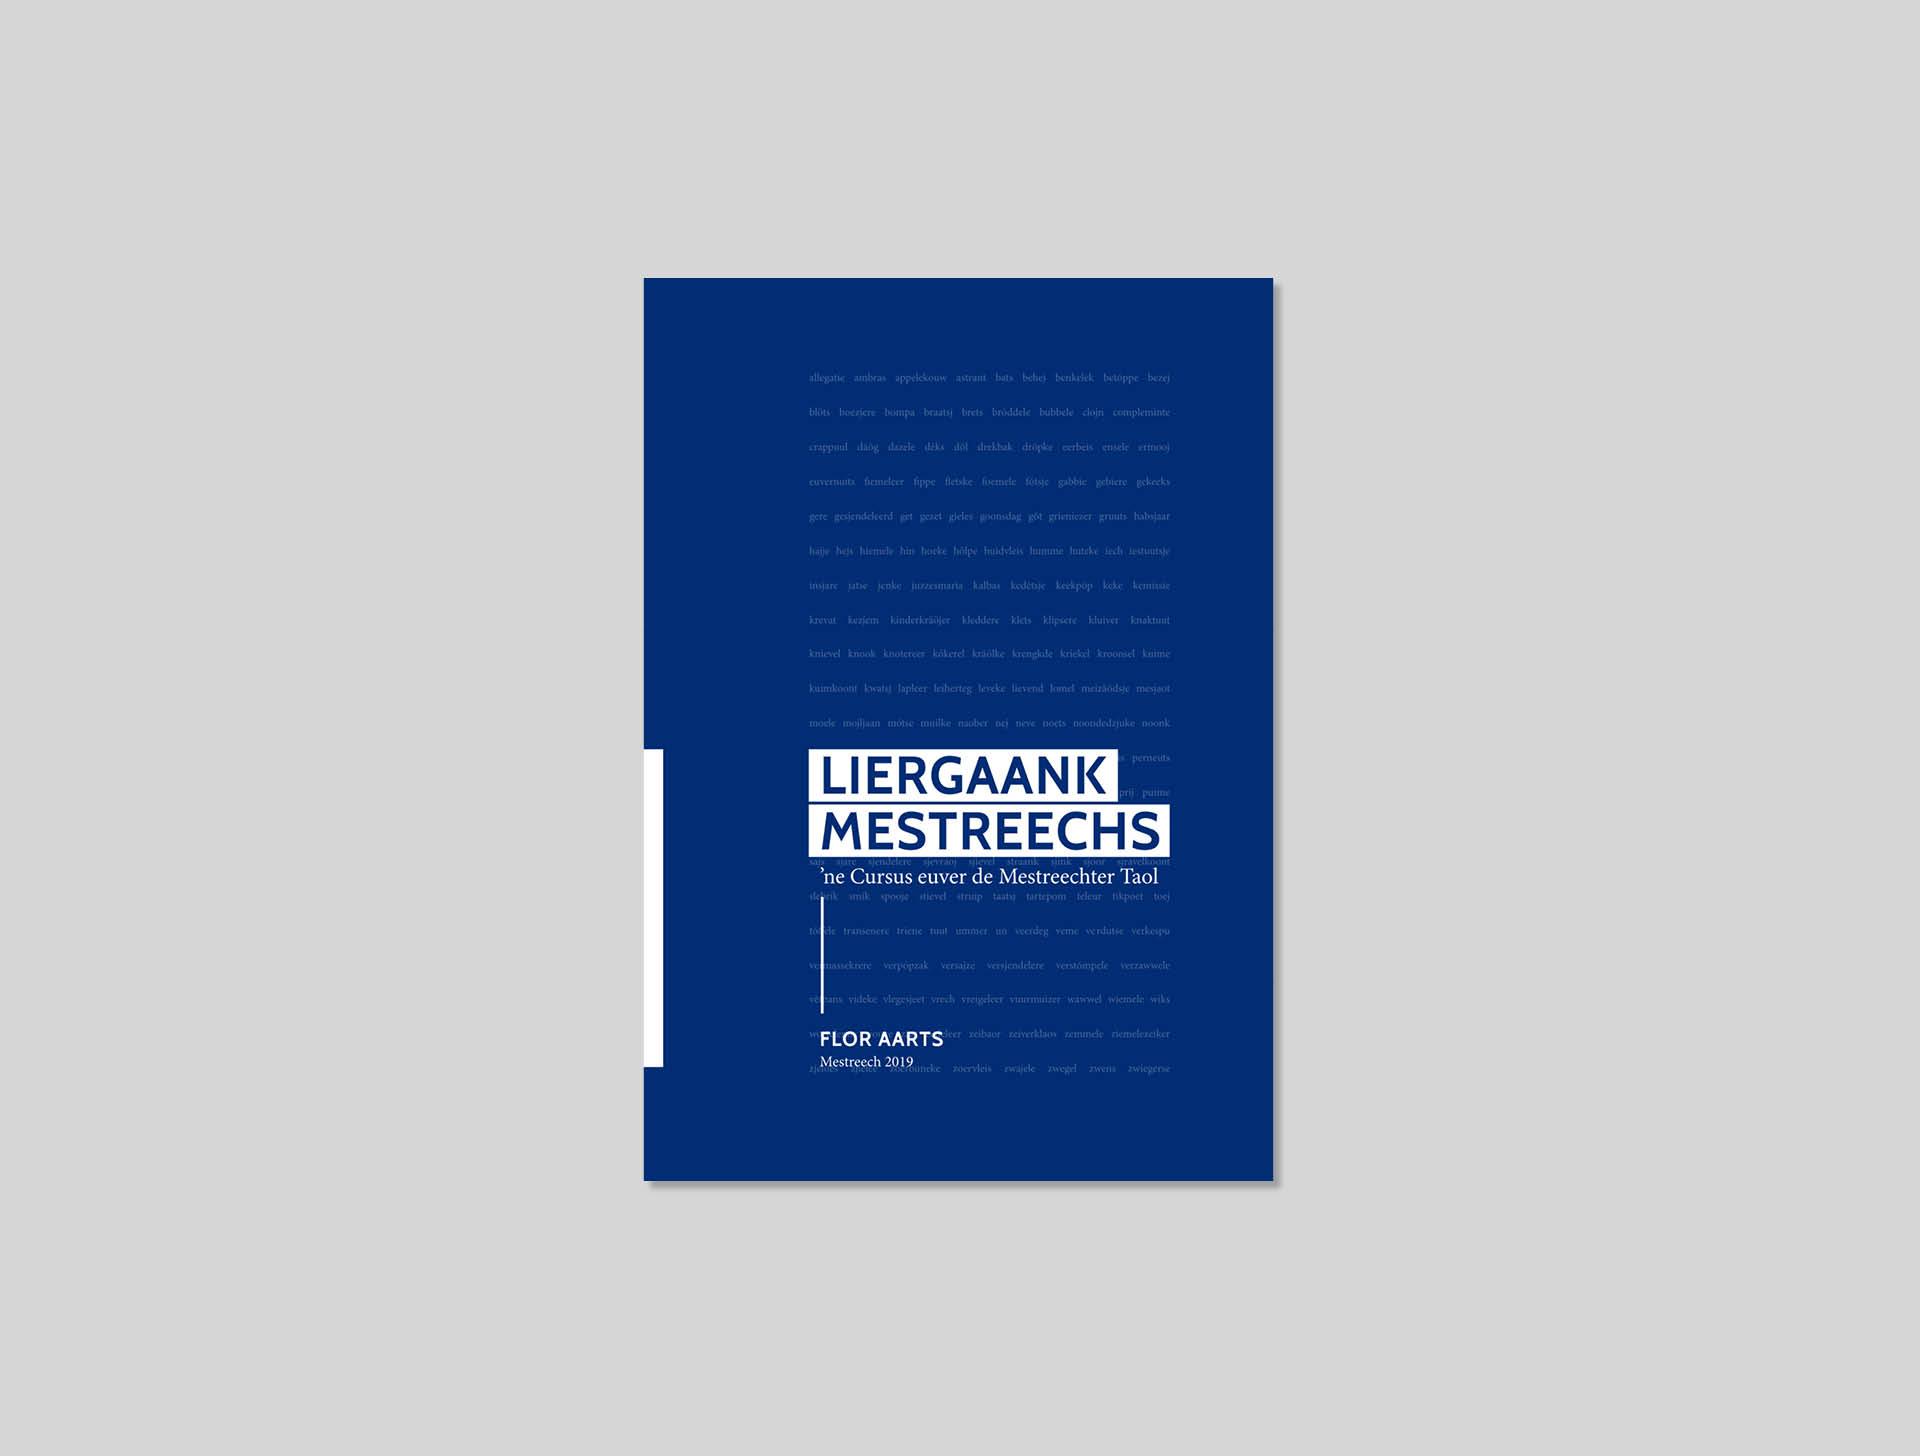 Ca Va Bien Boek ontwerp - Flor Aarts Liergaank Mestreechs